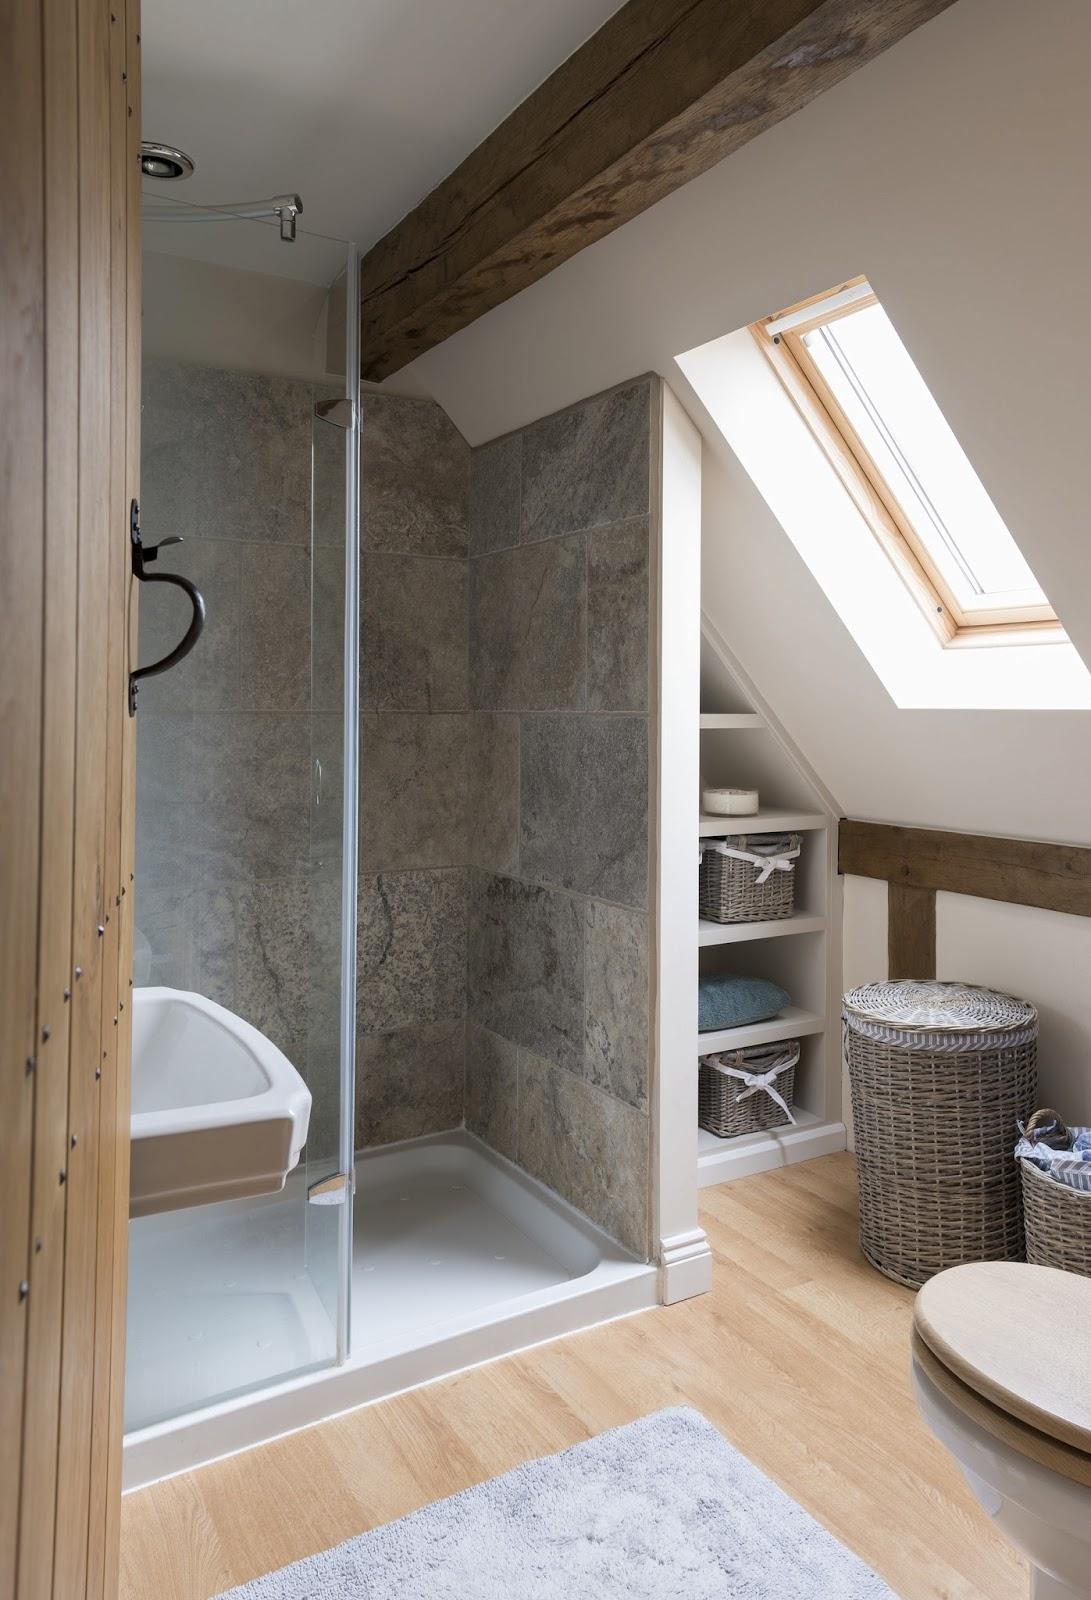 7 bagni con doccia nel sottotetto - Panca sotto finestra ...